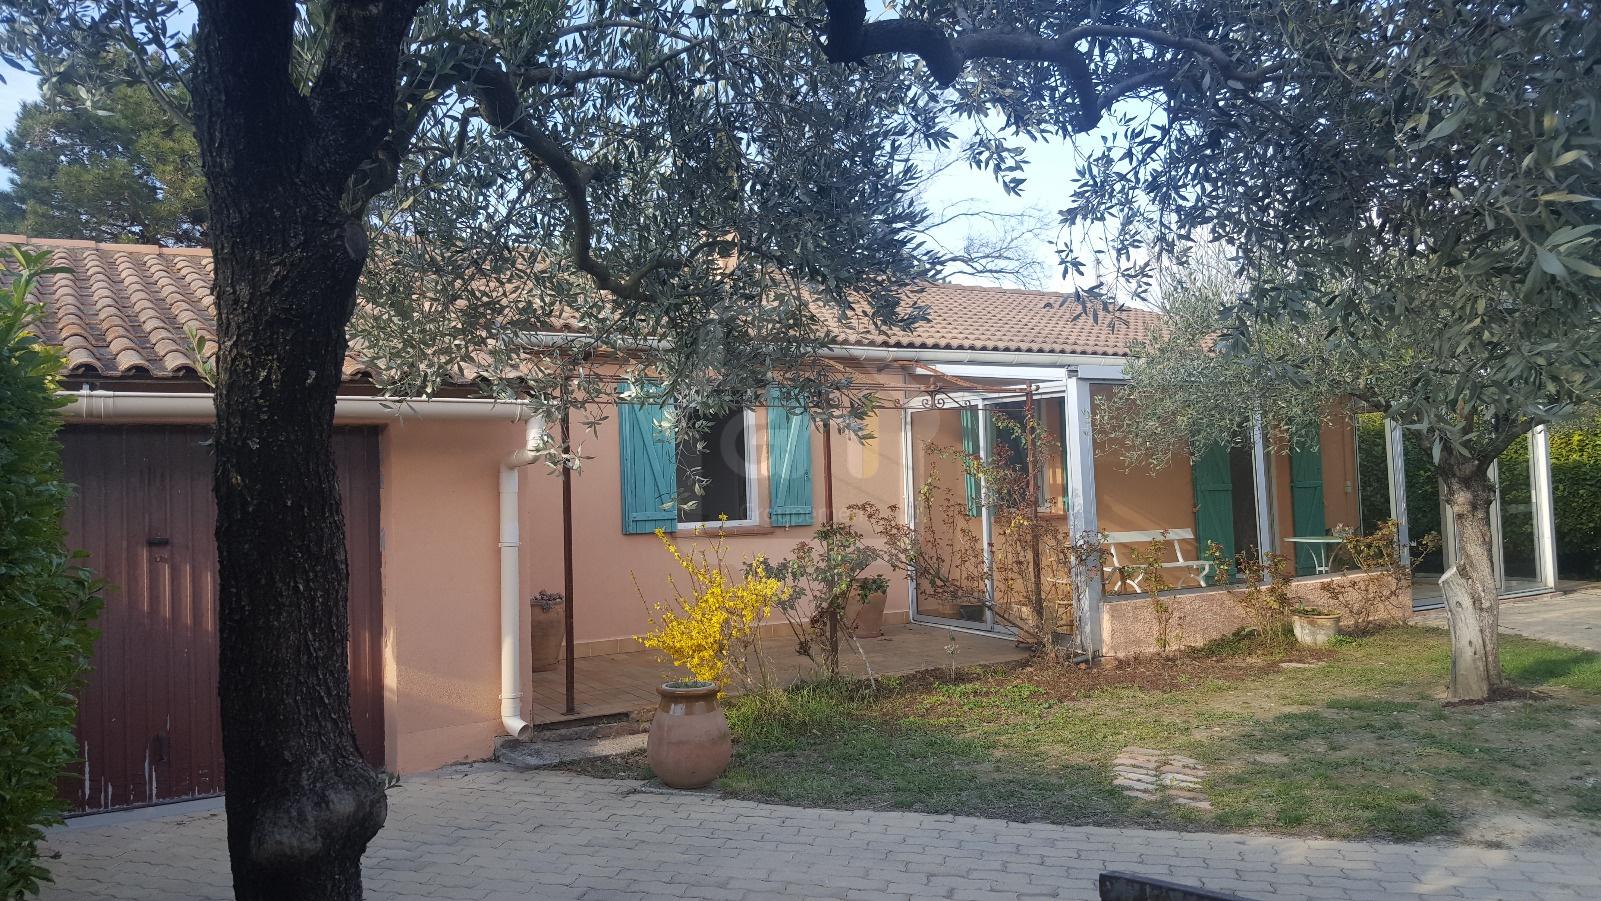 Vente maison/villa 4 pièces jonquieres 84150